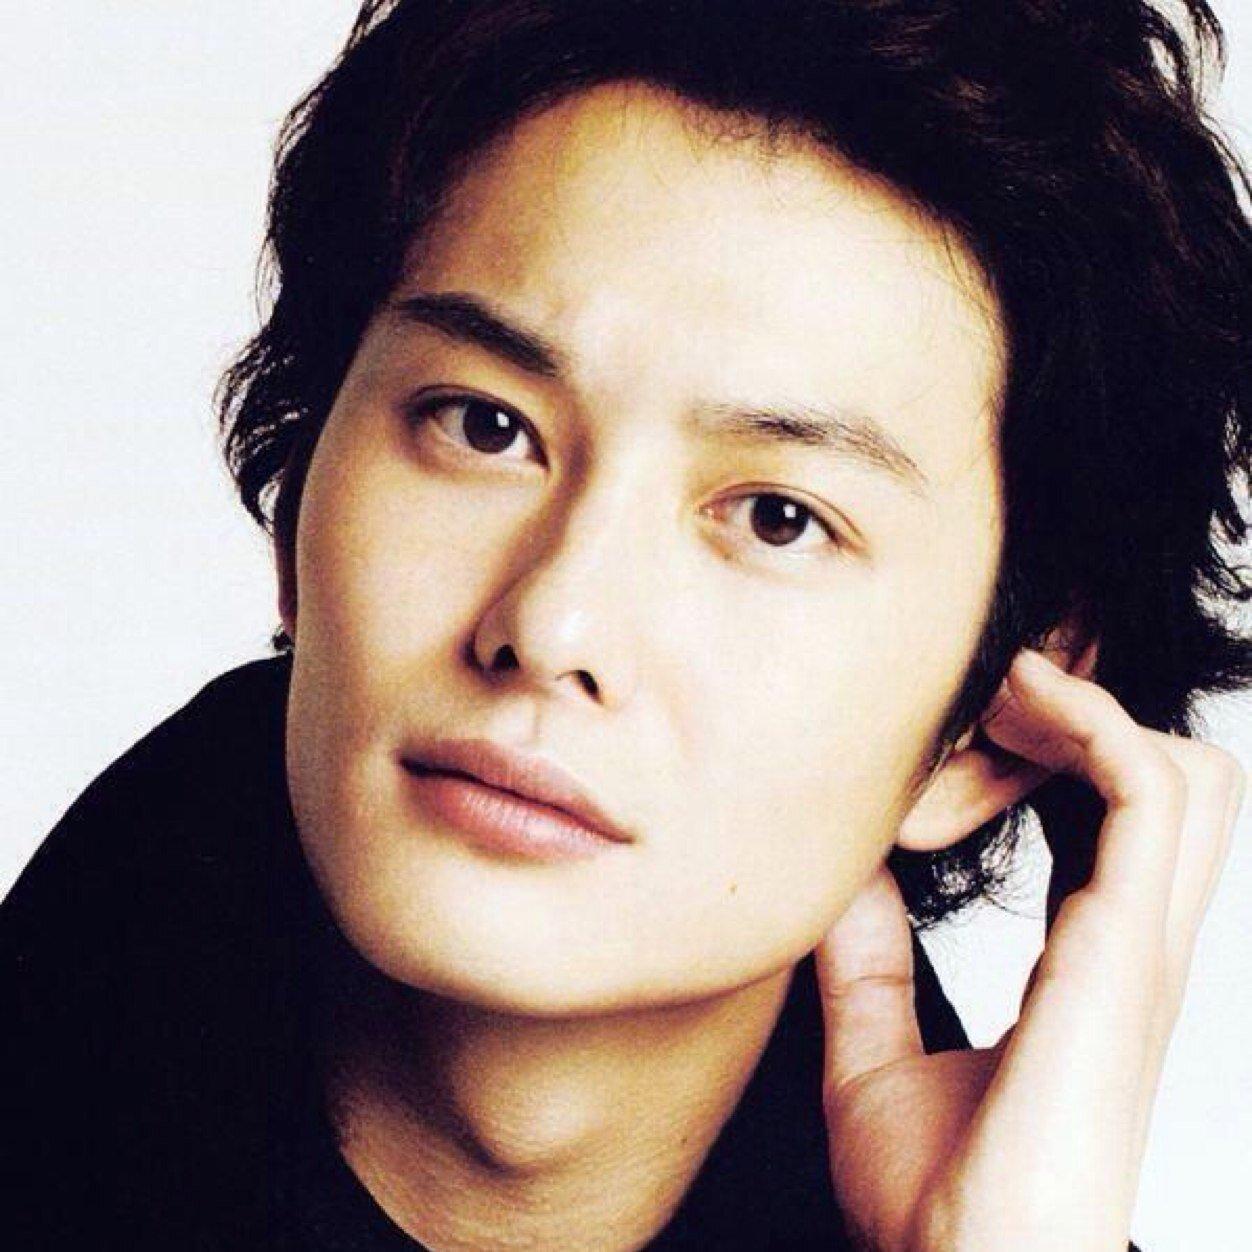 人気俳優・岡田将生は身長180cm!モデルのような体型が話題に!のサムネイル画像